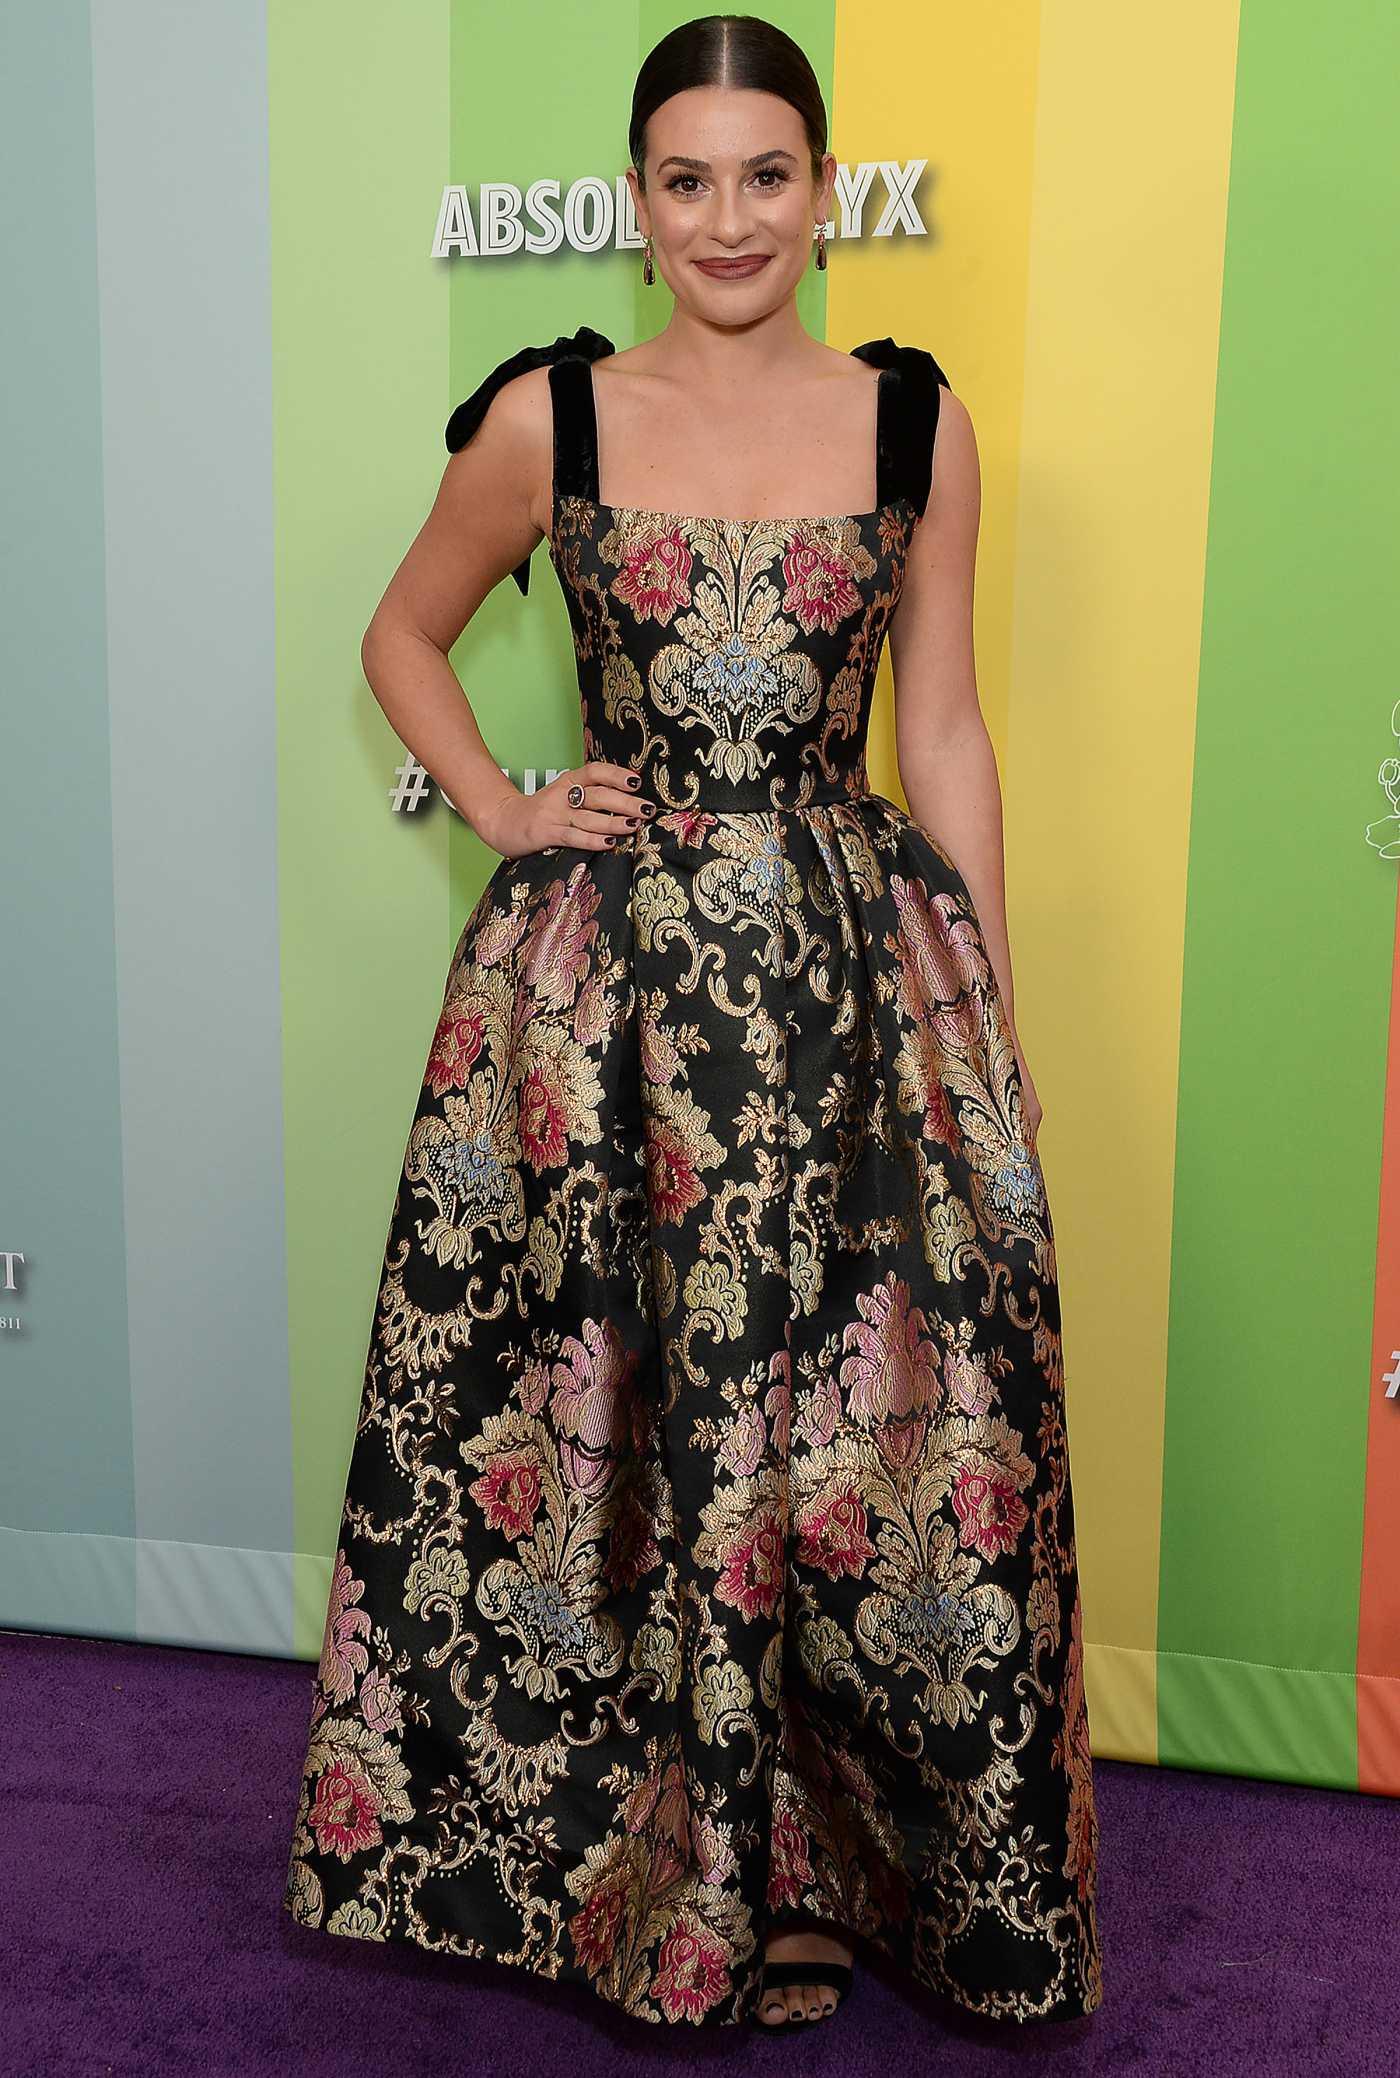 Lea Michele Attends 2019 amfAR Gala at Milk Studios in Los Angeles 10/09/2019